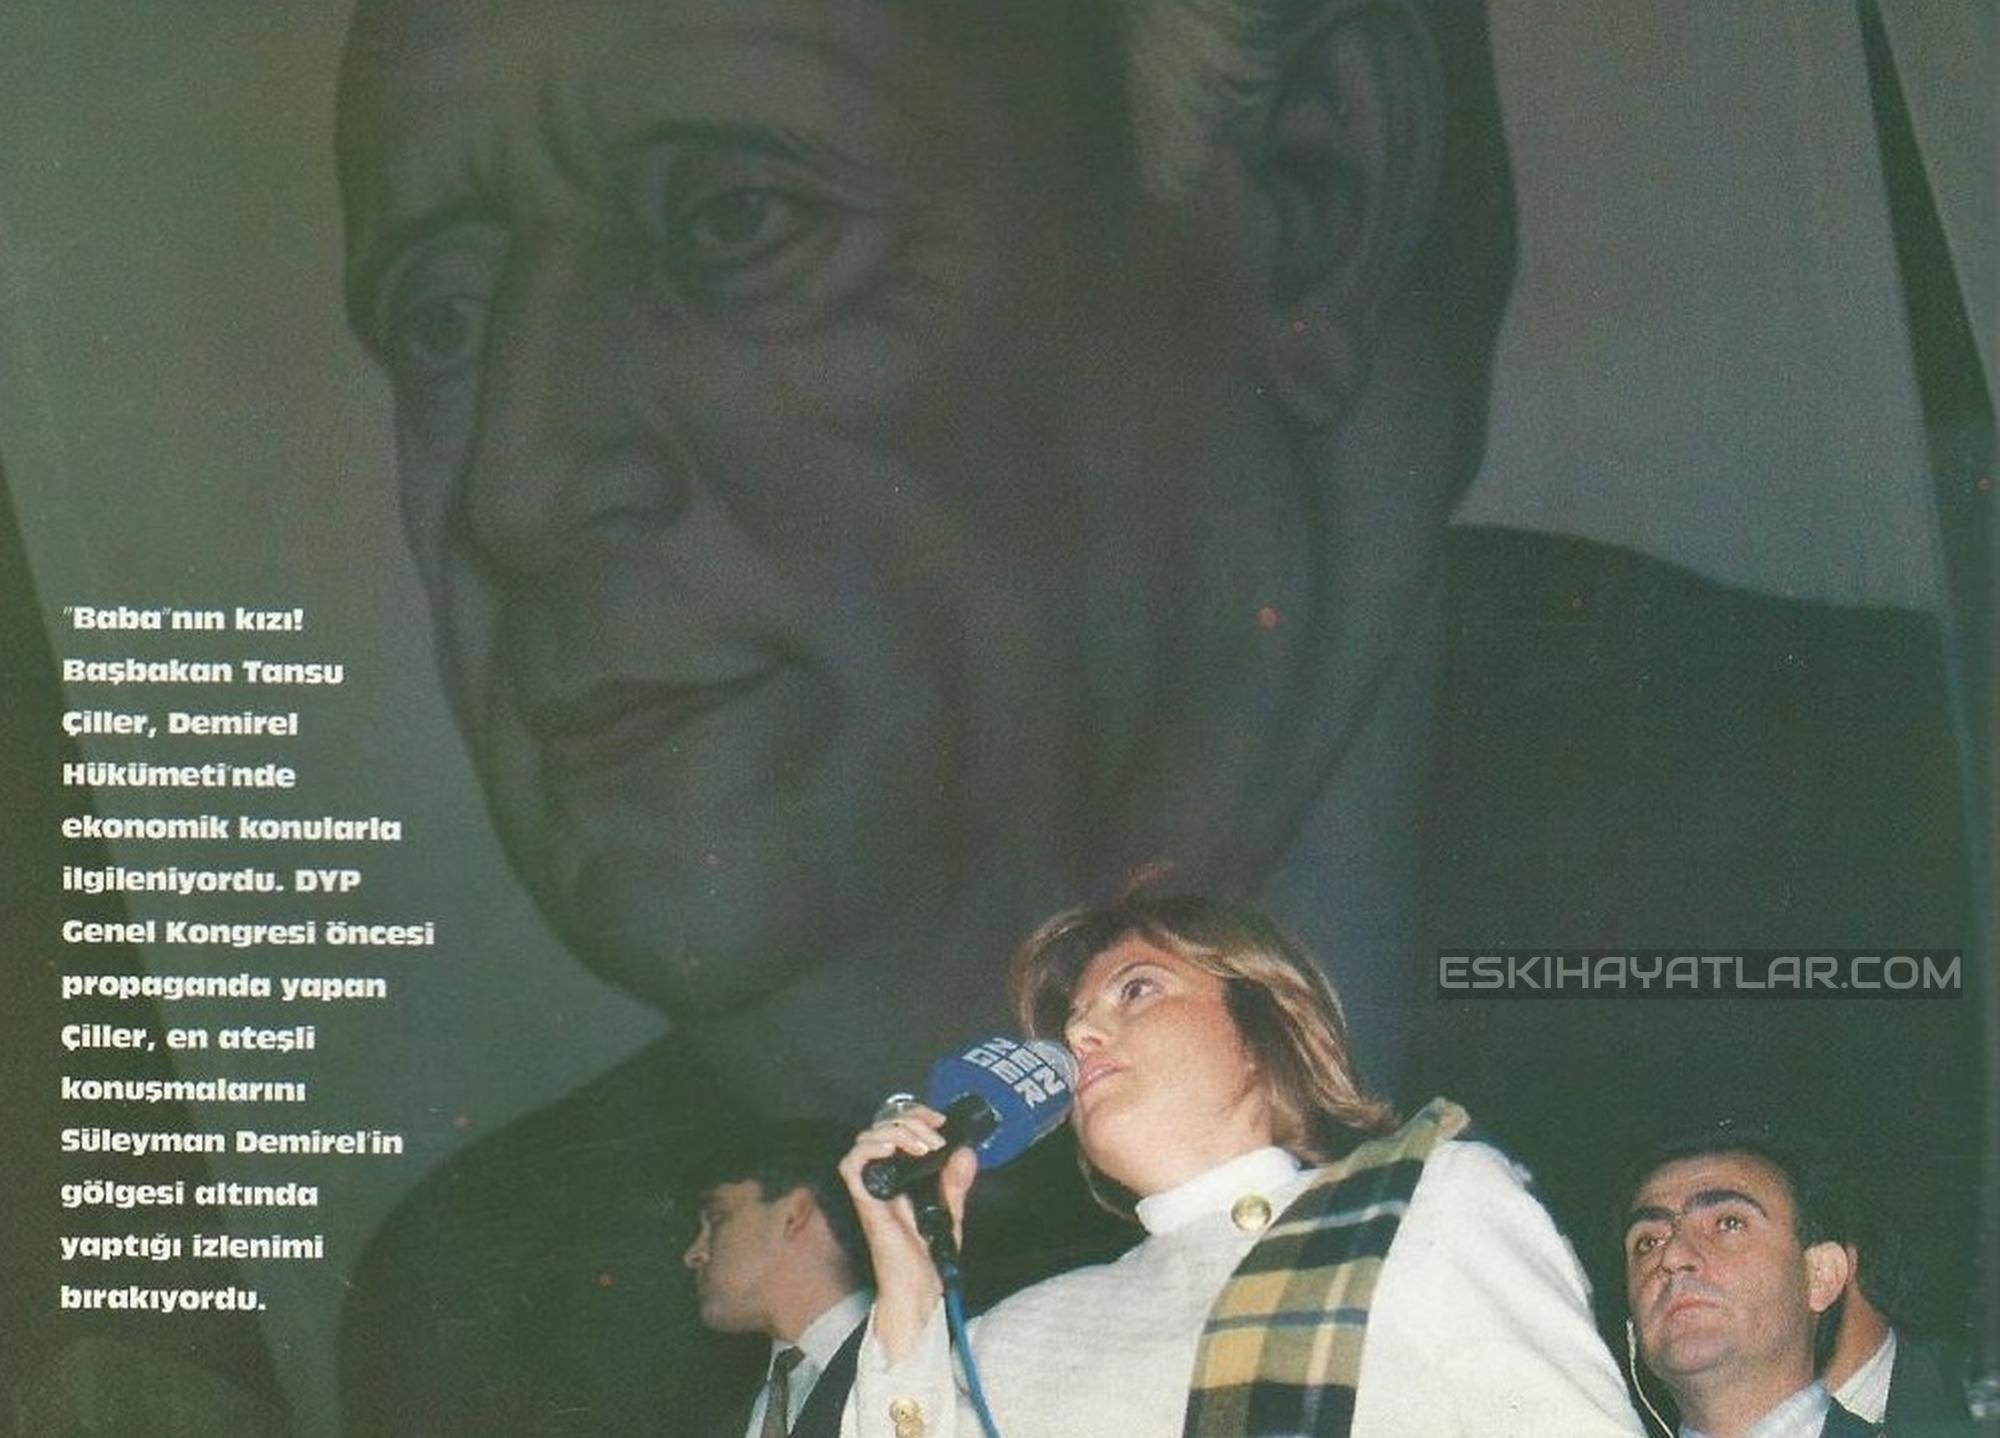 dunyanin-en-guzel-basbakani-tansu-ciller-1993-yilinda-turkiye-dogru-yol-partisi (8)